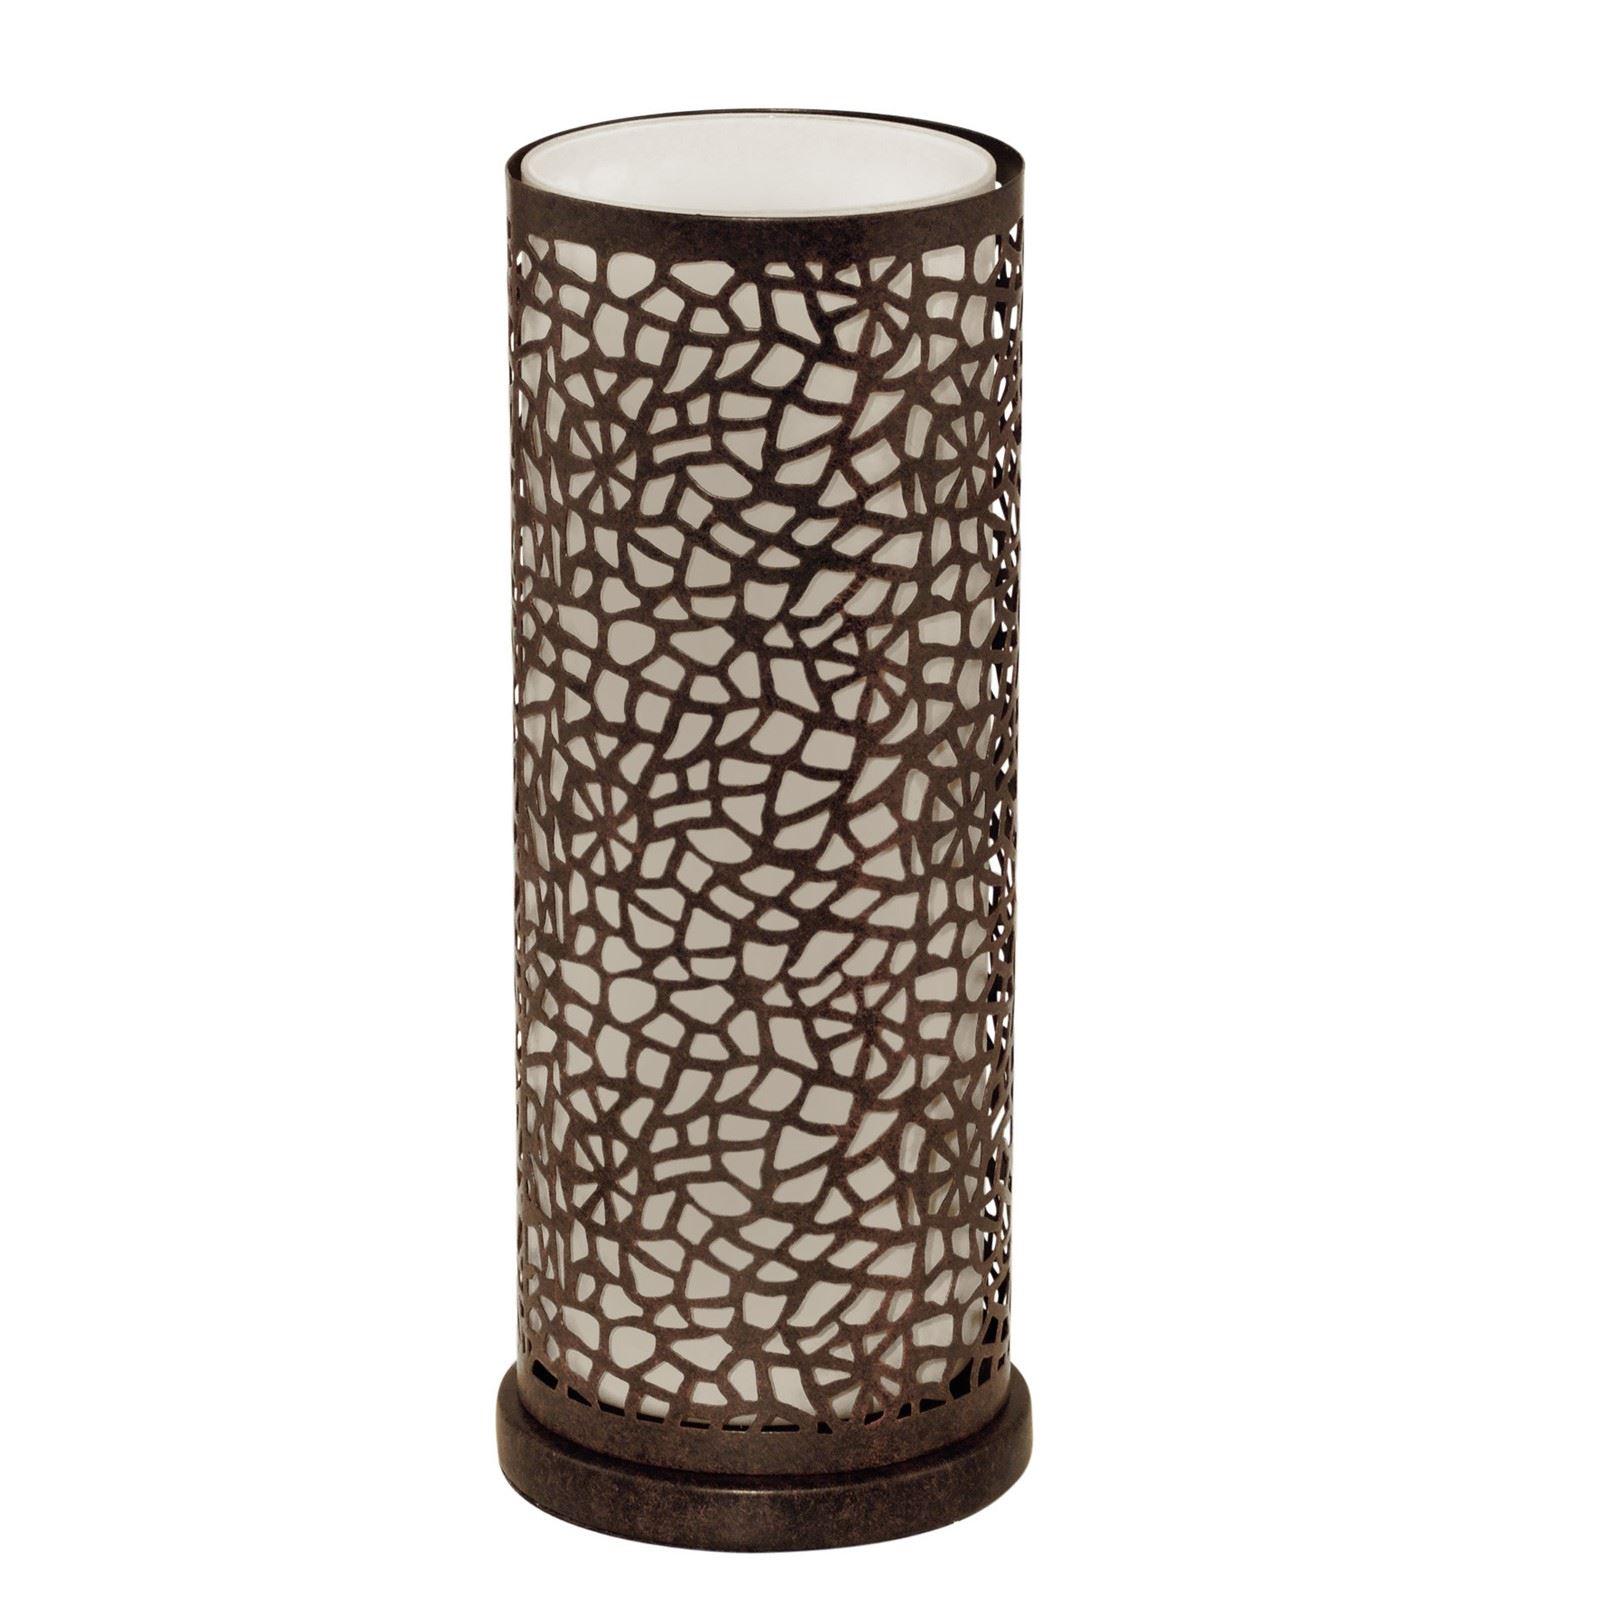 Almera Modern Table Lamp 1 Light E27 Antique Brown Champagne